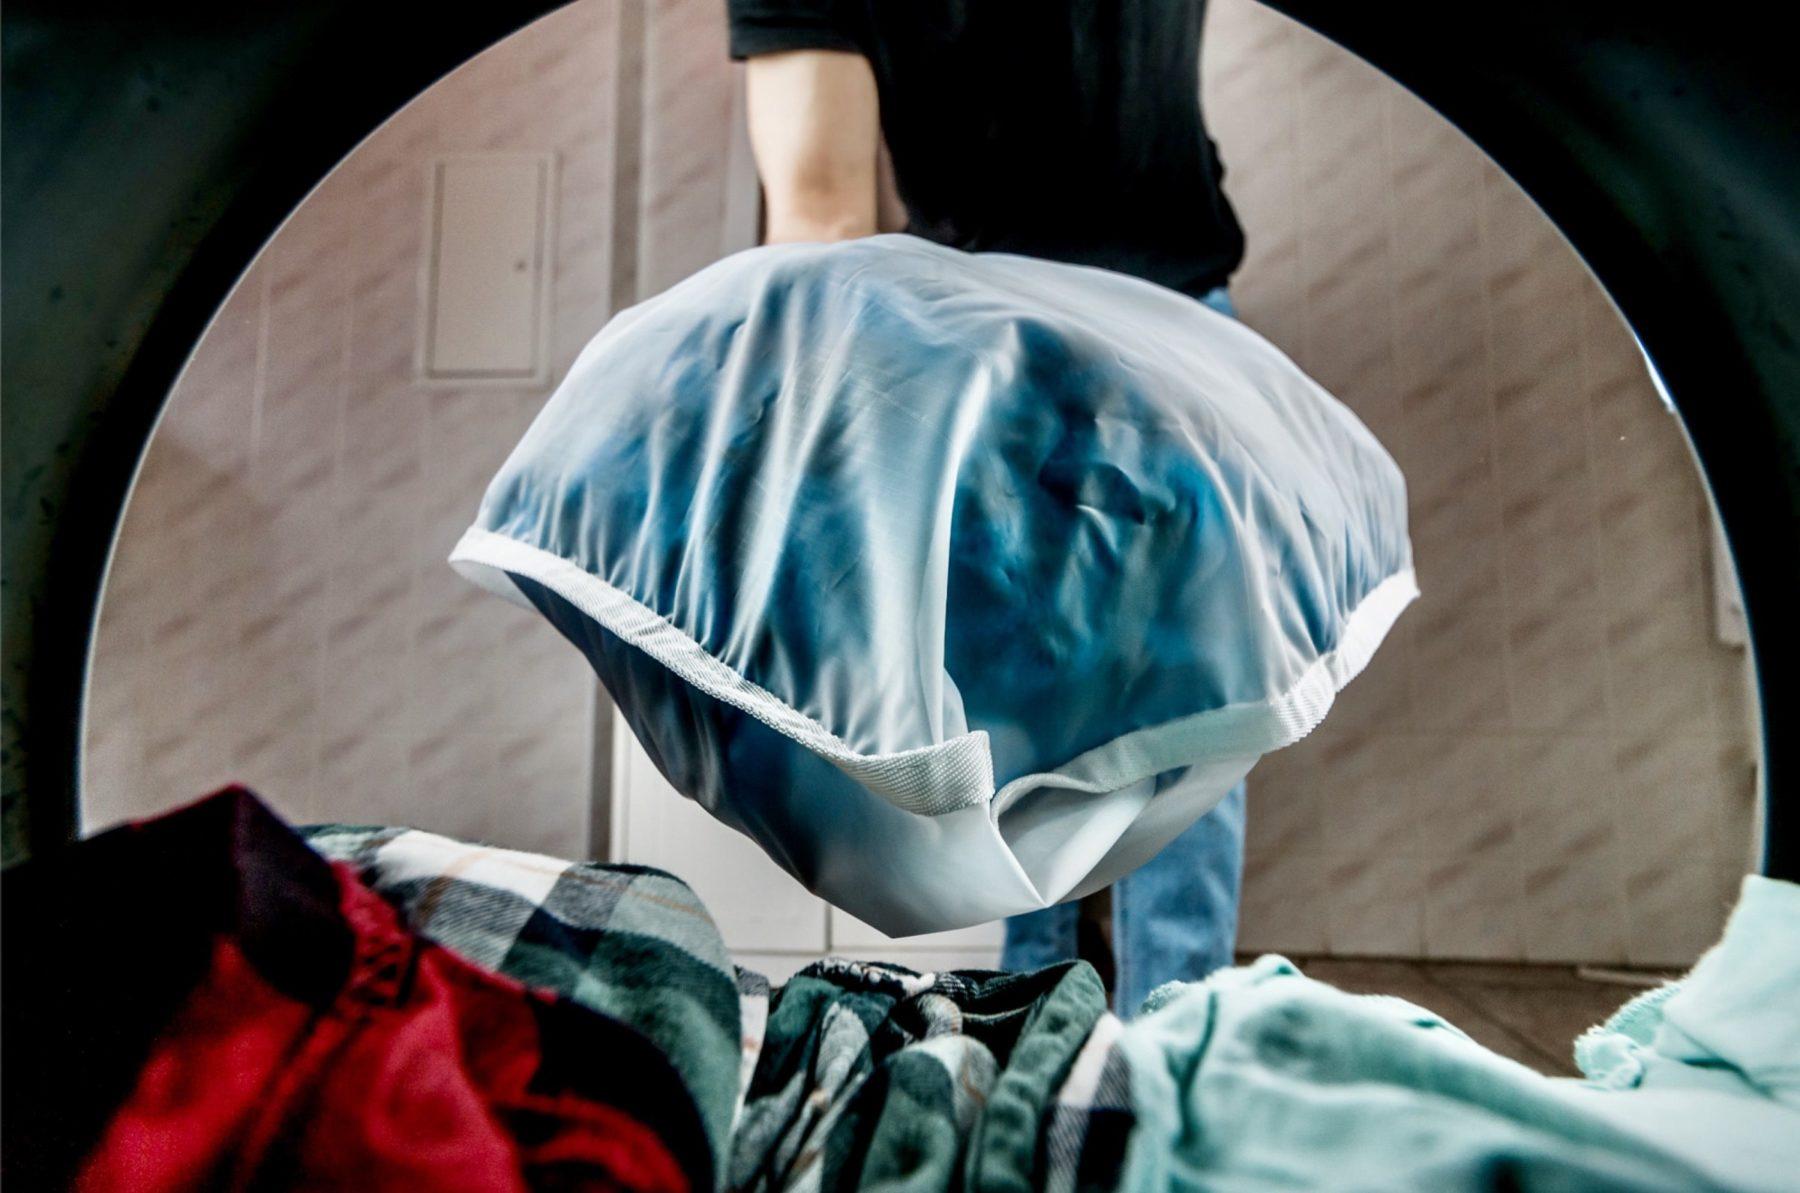 J'utilise un Guppyfriend bag pour laver mes vêtements aux fibres synthétiques